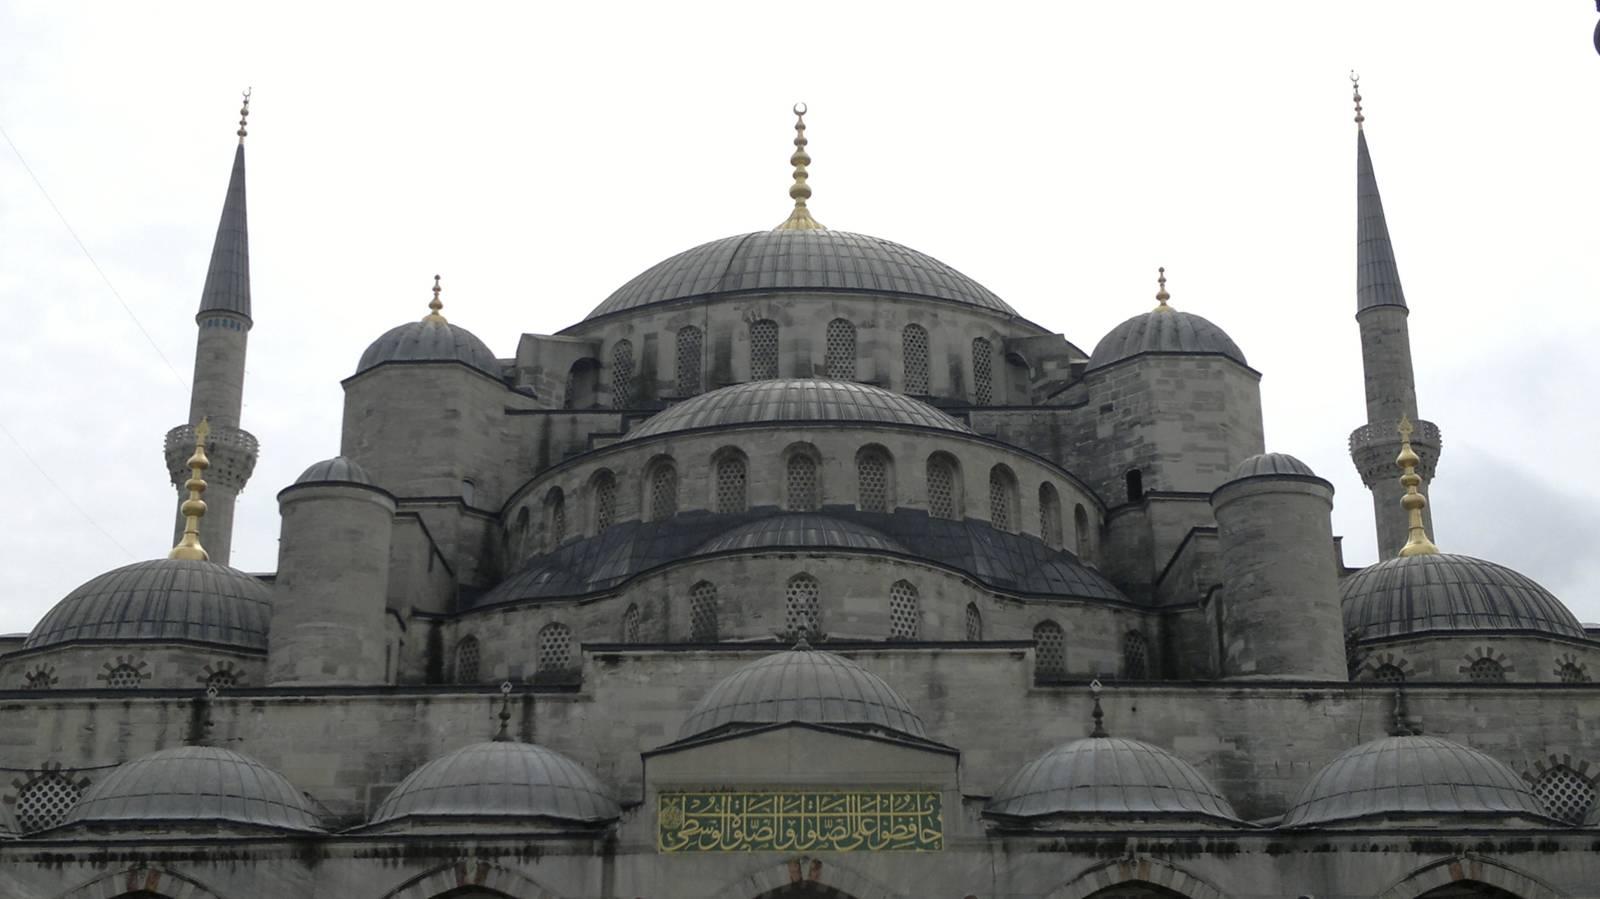 Istanbul-hagia-sofia-mosque-islam-turchia